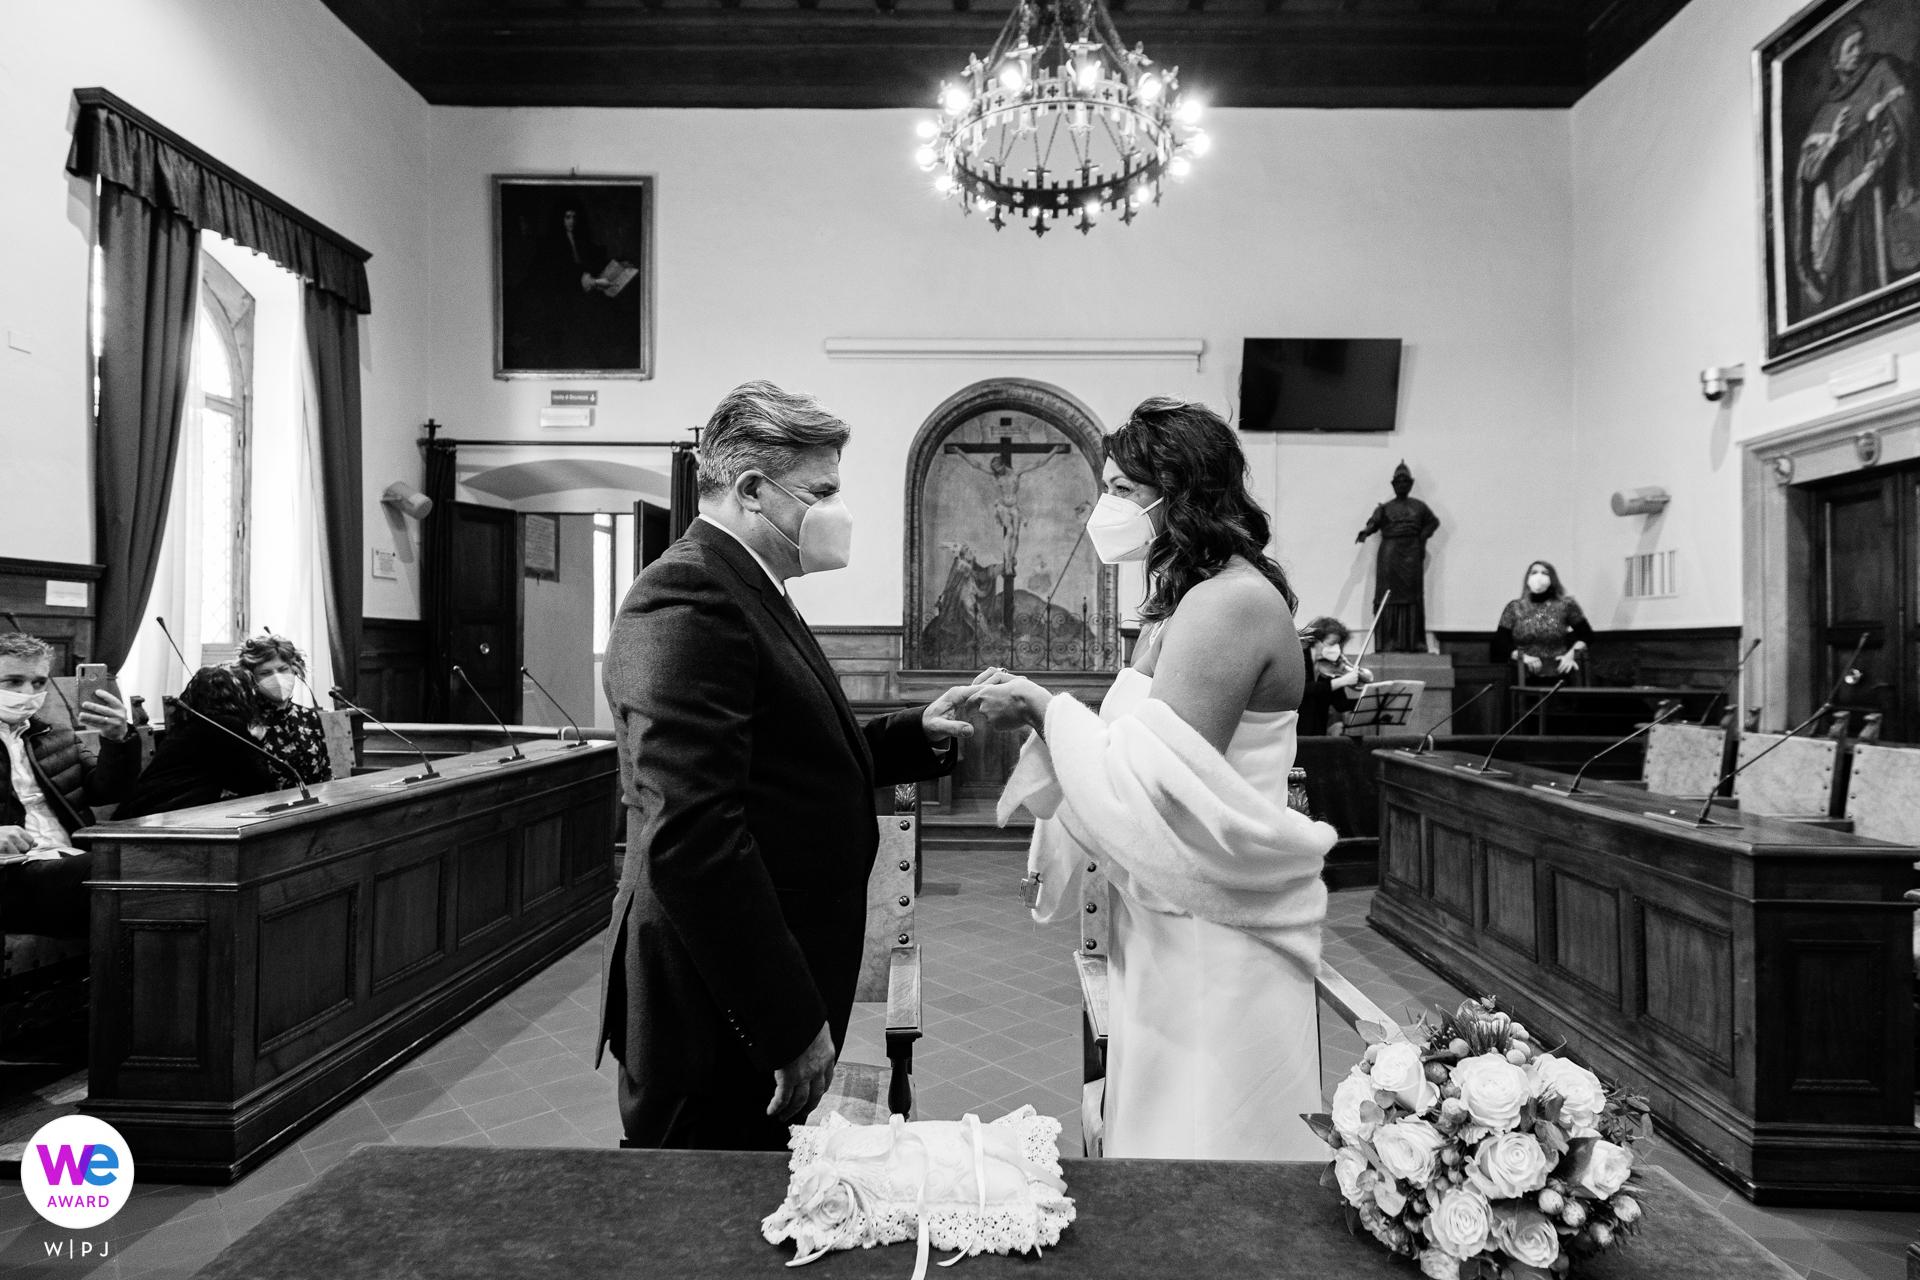 Reportaje de boda en Arezzo en el Ayuntamiento | intensa emoción en los ojos de los esposos